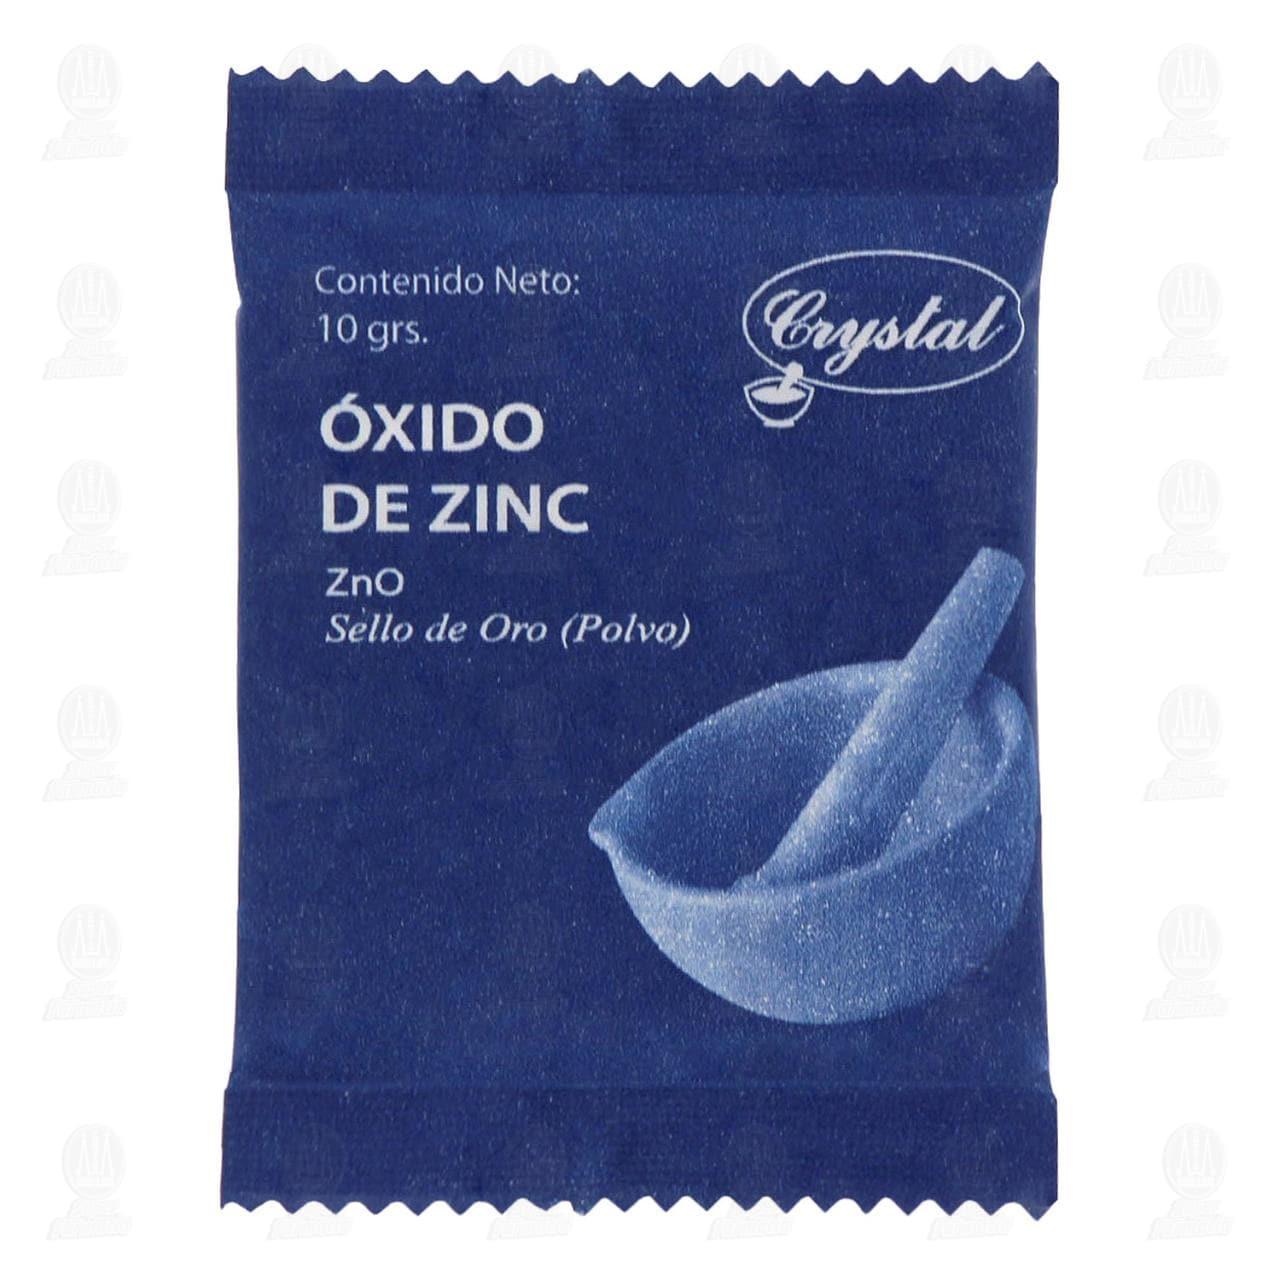 Comprar Óxido de Zinc Crystal 10gr Polvo en Farmacias Guadalajara